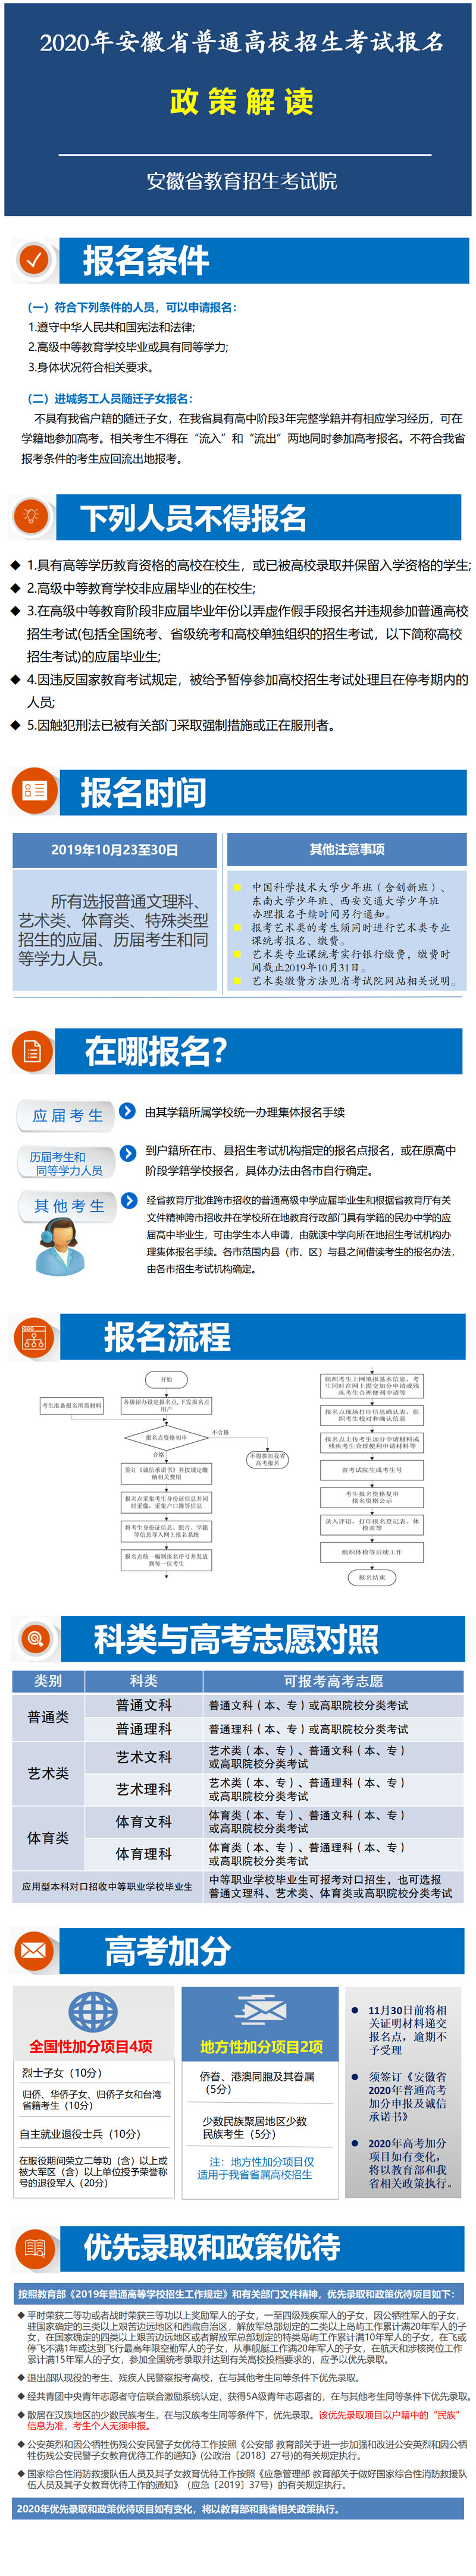 2020年安徽高考报名政策解读